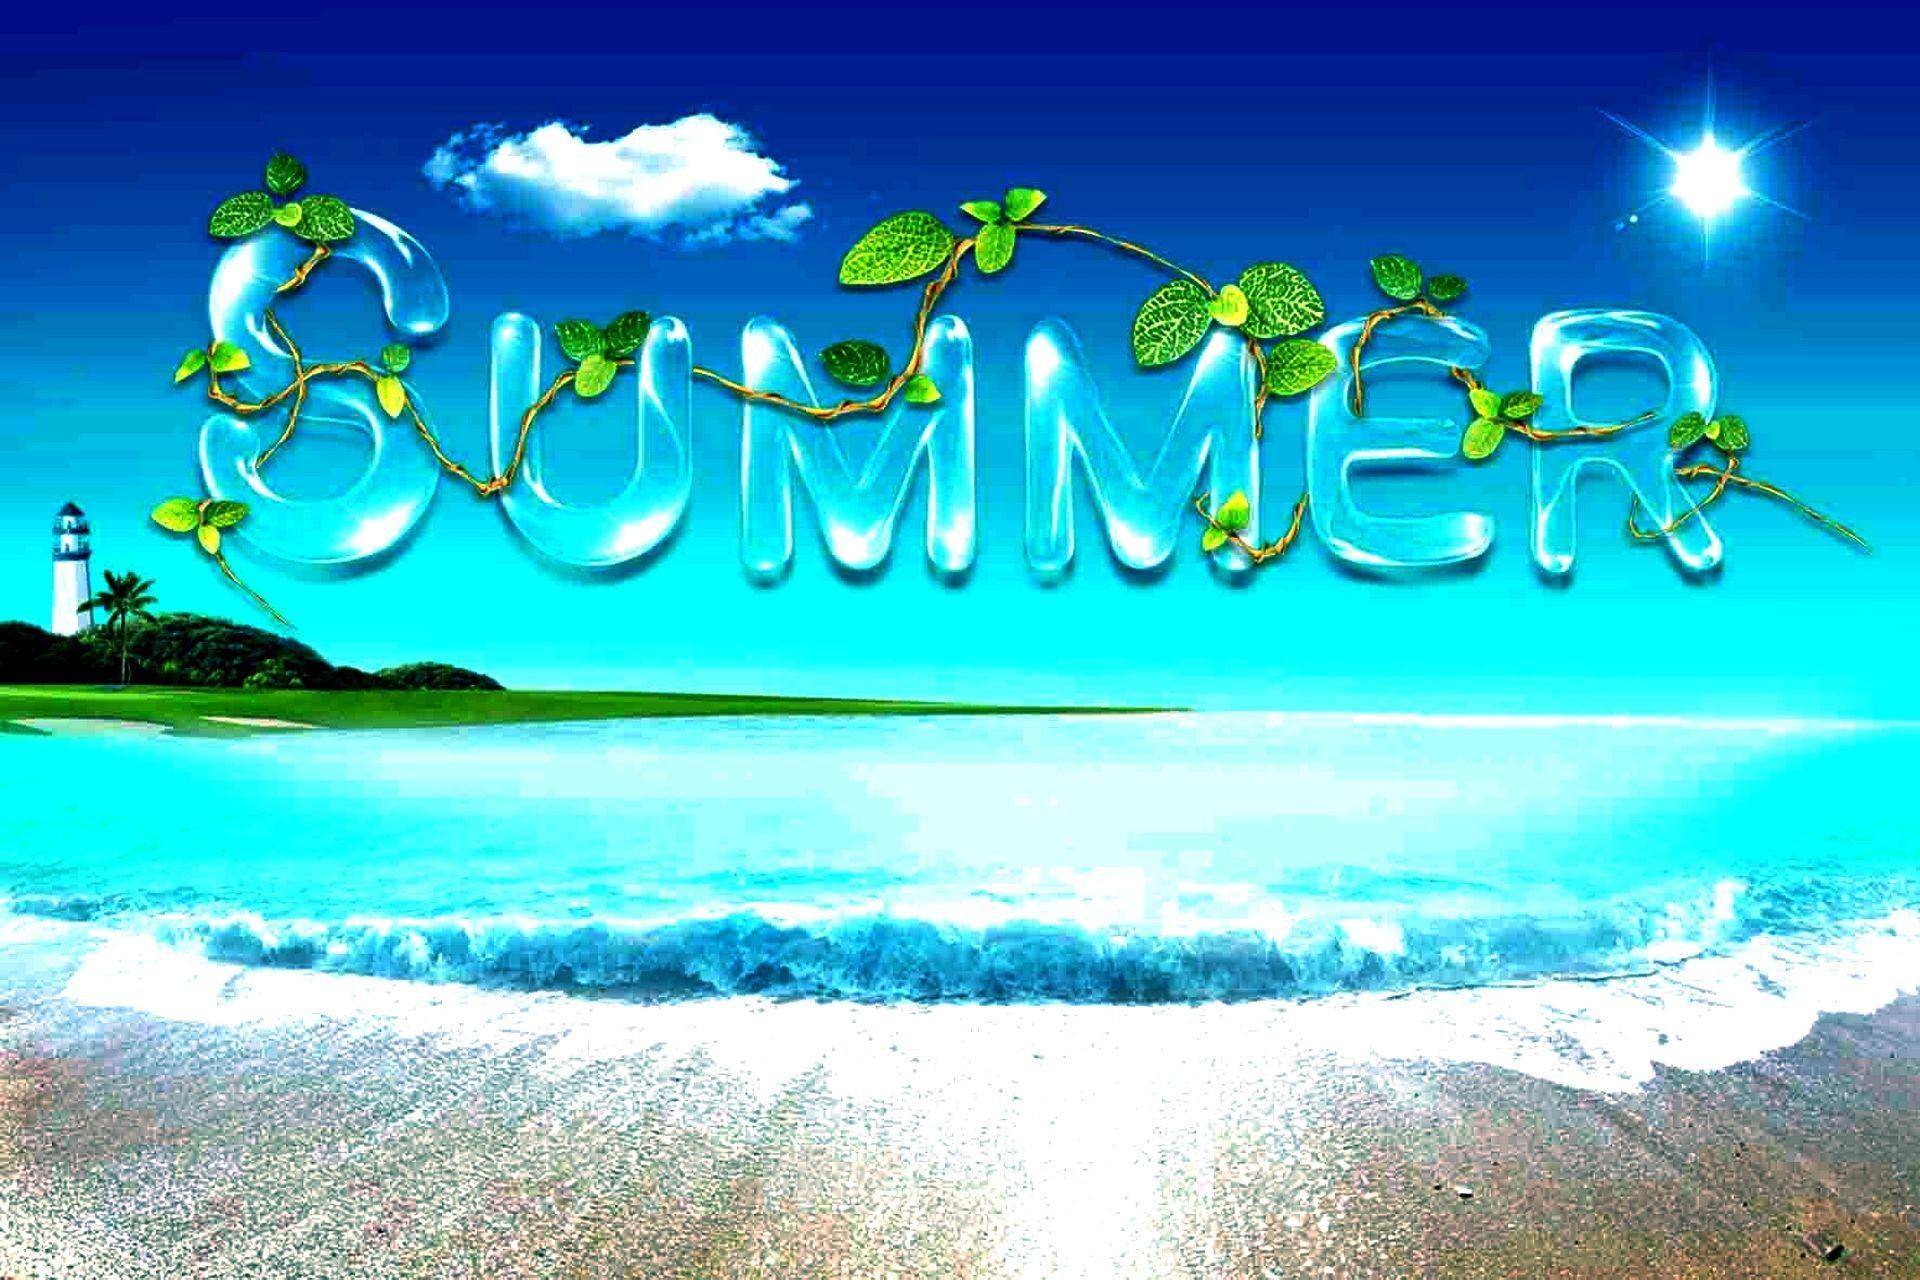 Summer desktop wallpaper widescreen